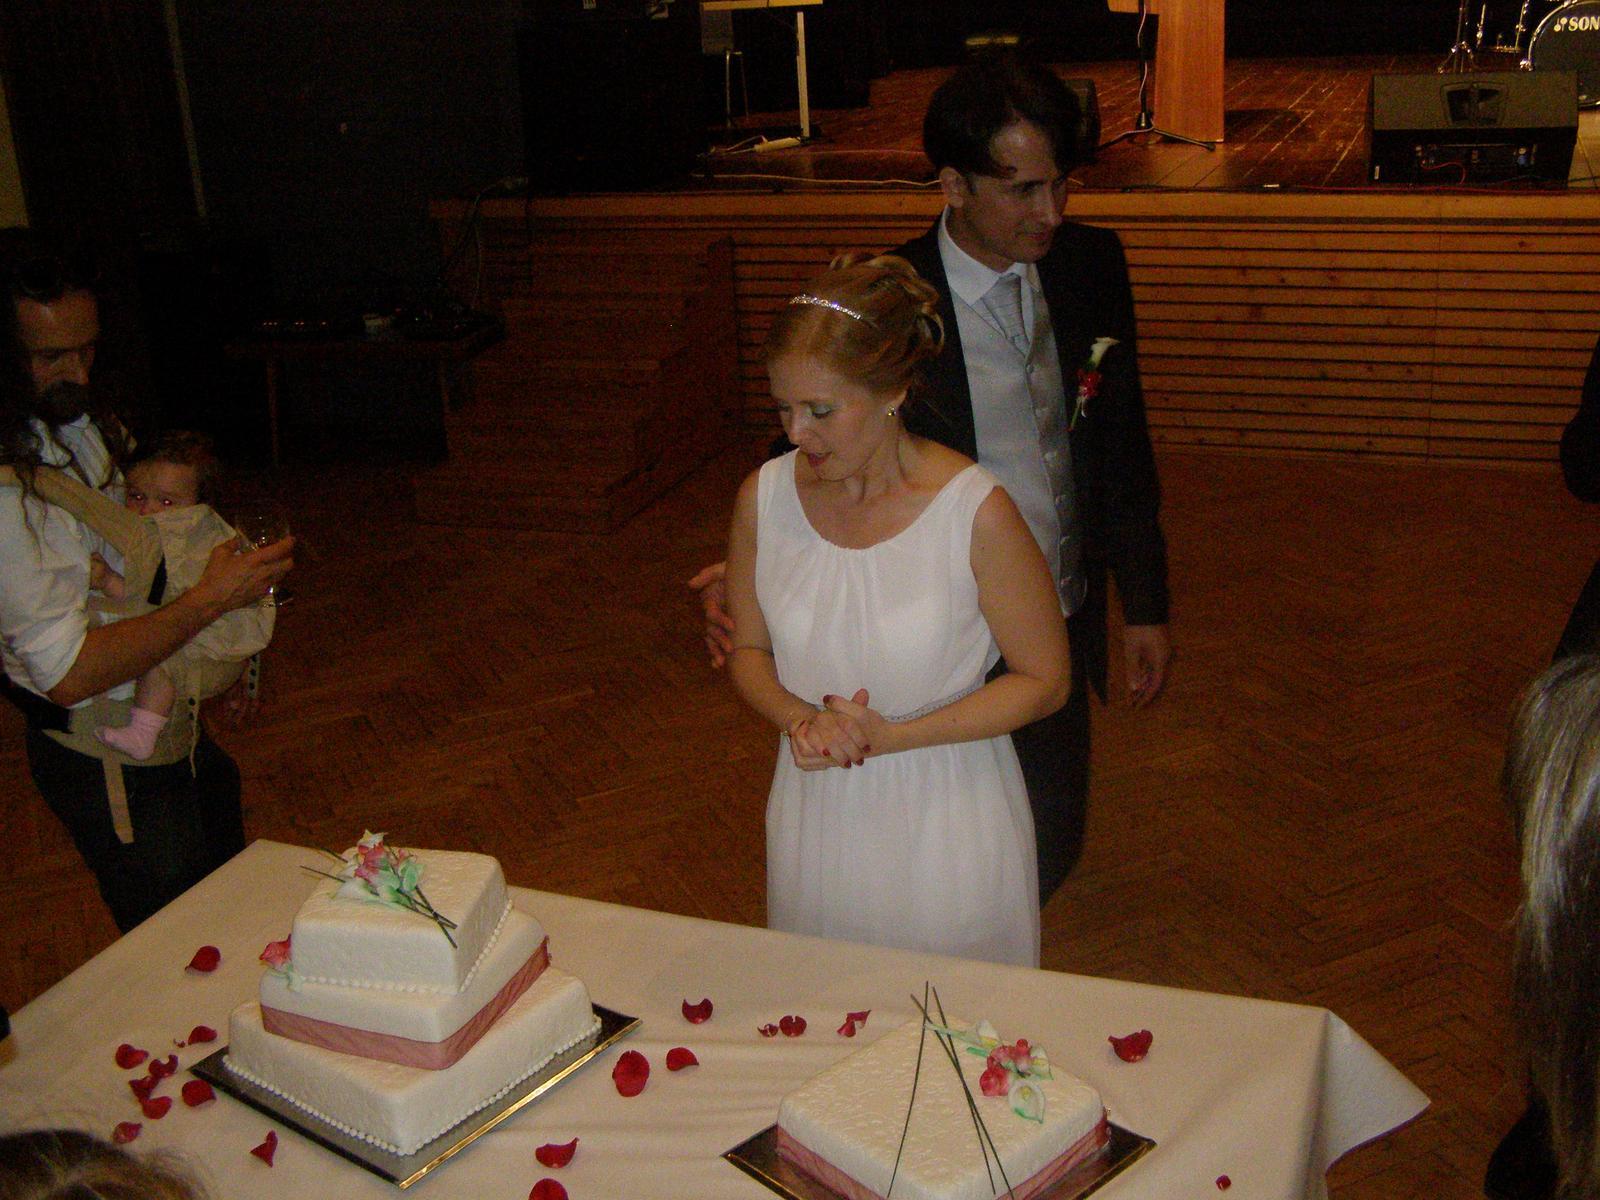 Svatba Lída Čermáková & Jiří Haut - krájení svatebního dortu